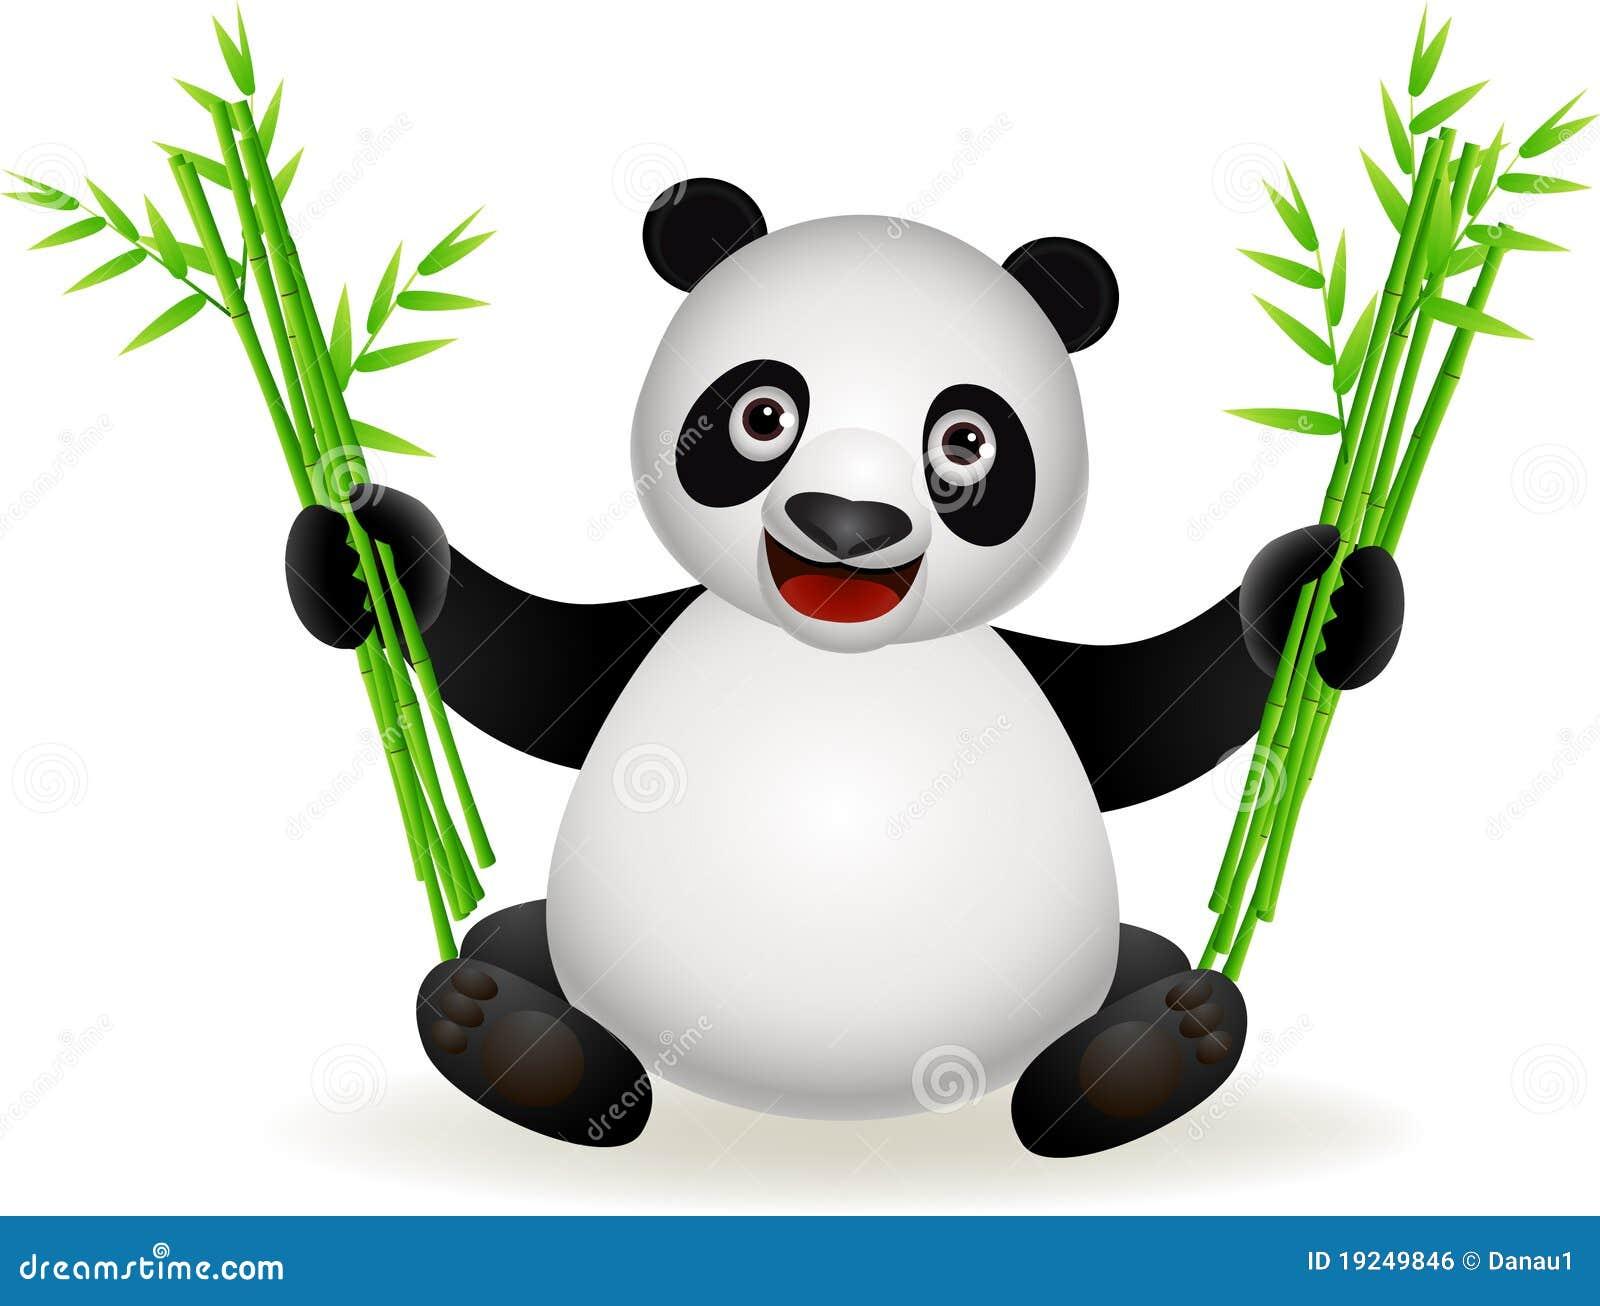 dessin anim mignon de panda avec le bambou image libre de droits image 19249846. Black Bedroom Furniture Sets. Home Design Ideas